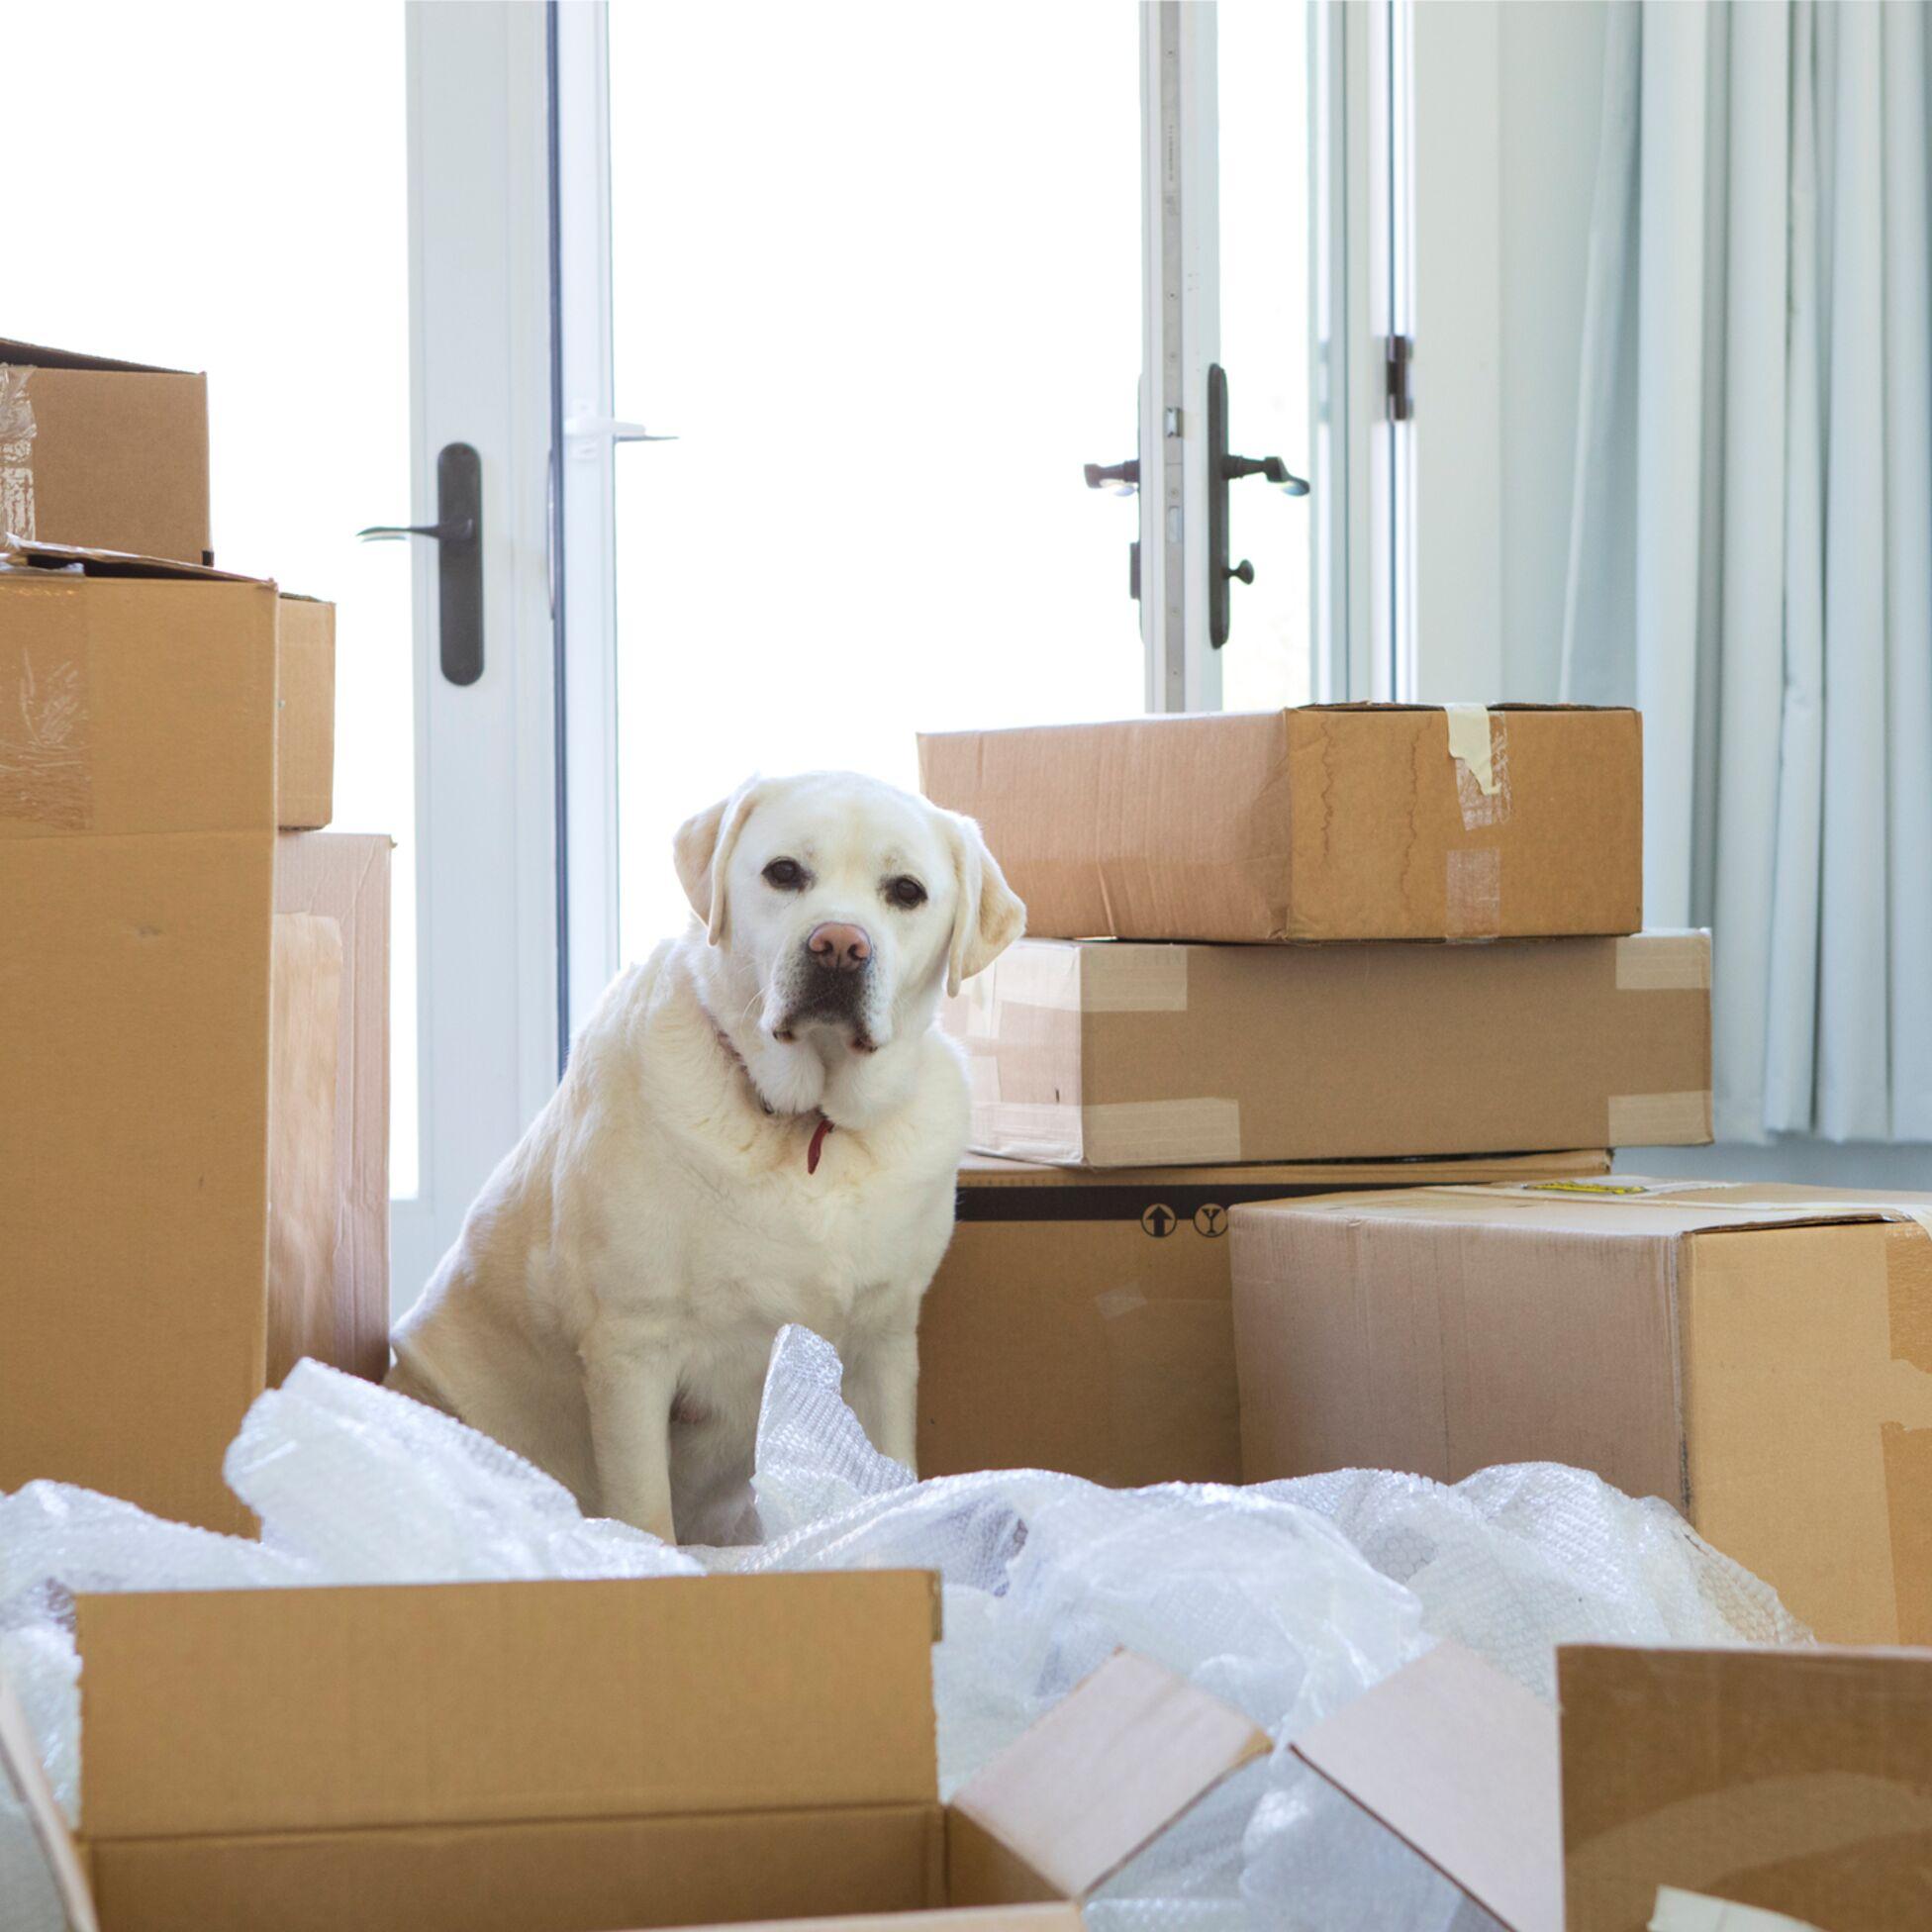 Haustiere In Mietwohnungen Was Ist Erlaubt